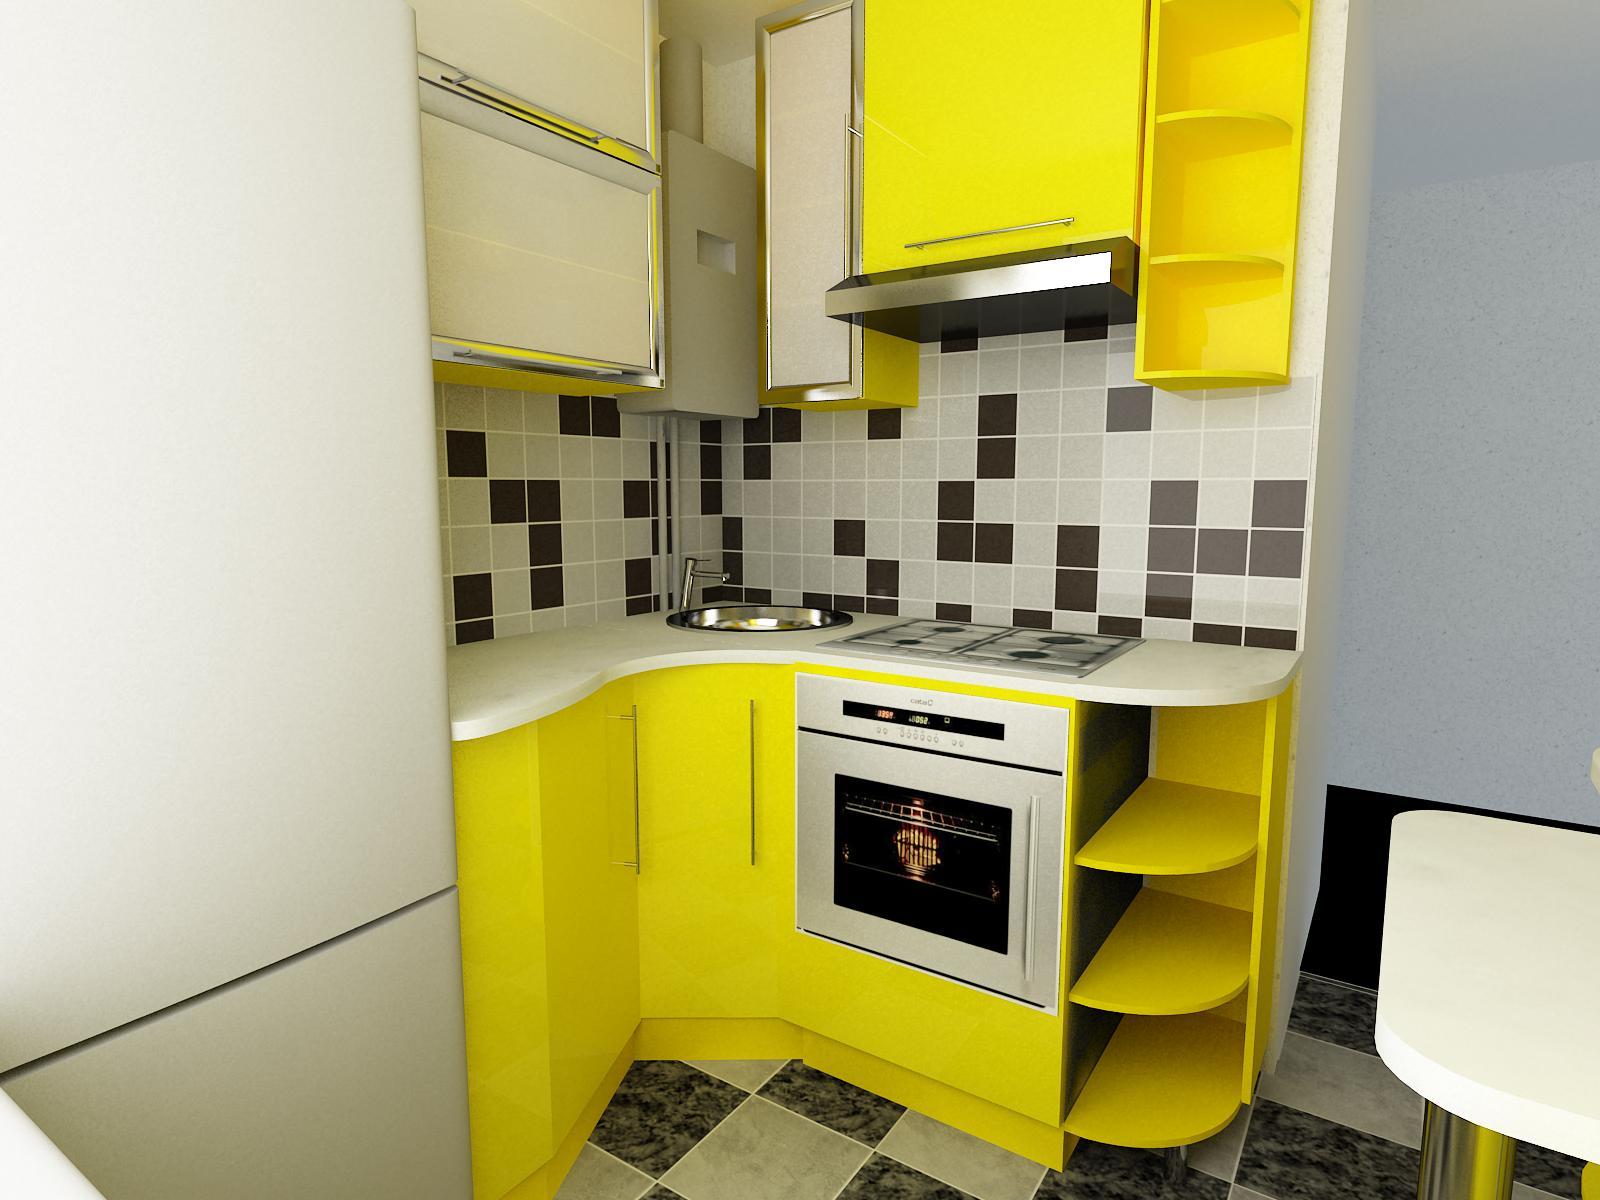 маленькая кухня 6 квм - 28